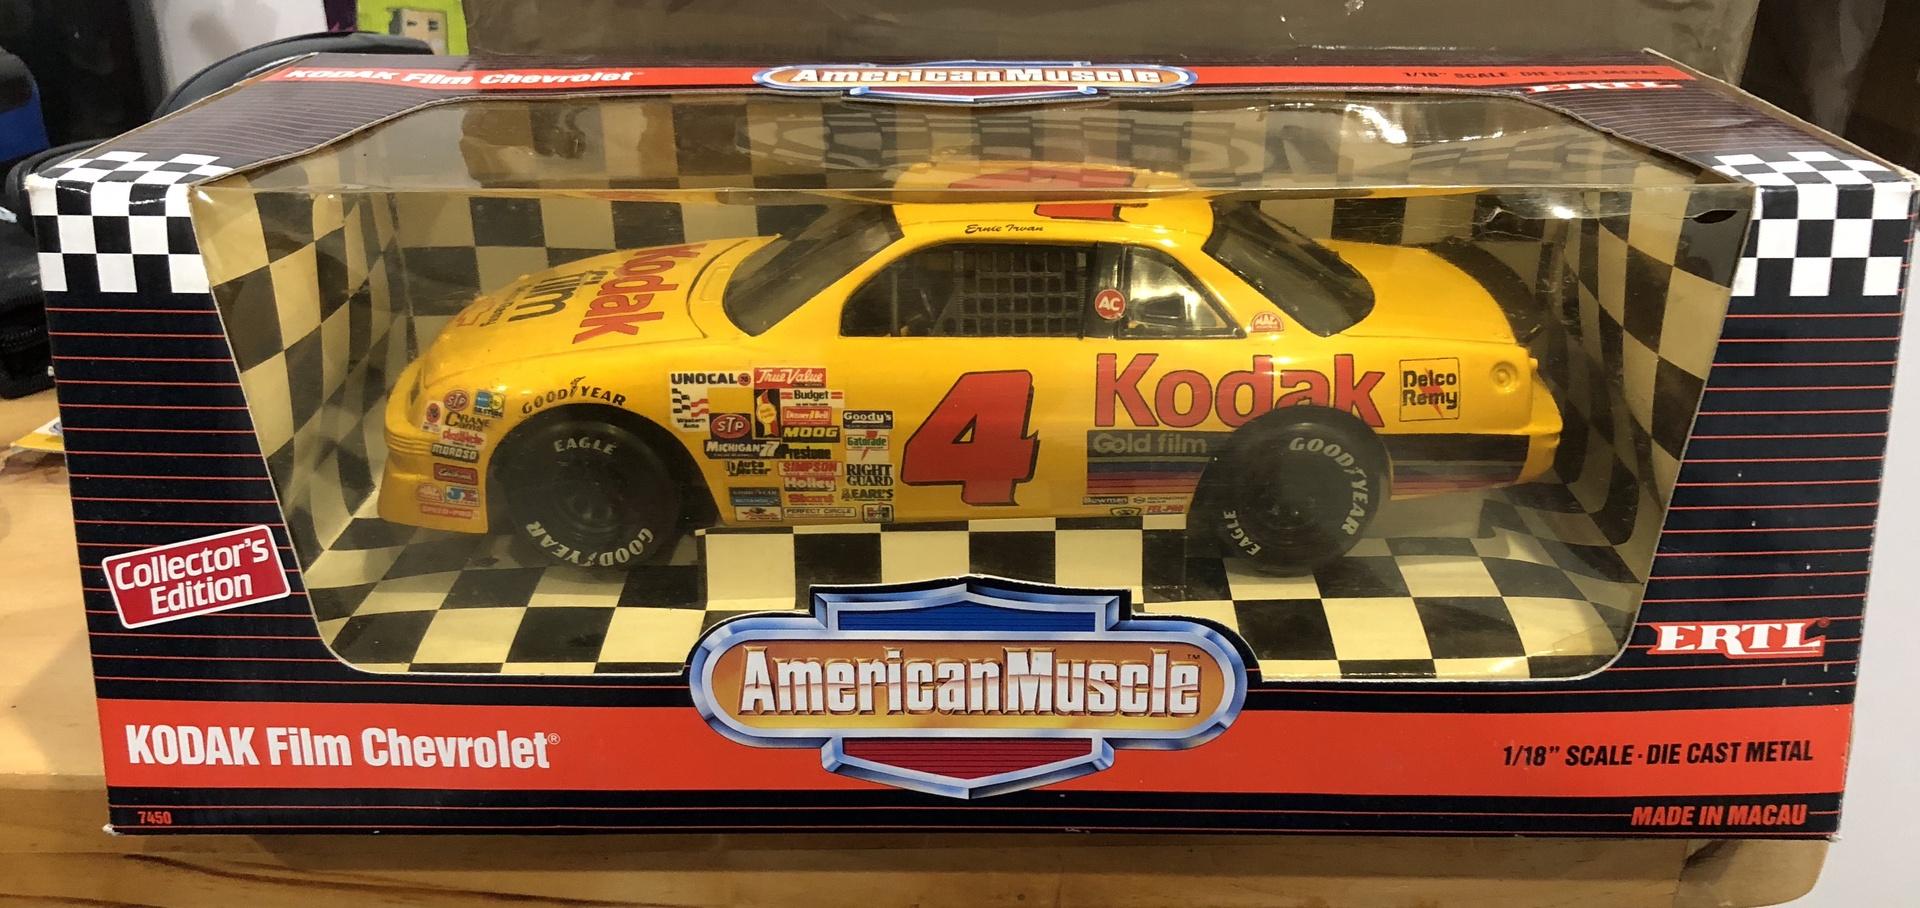 American Muscle # 7450  1/18 Kodiak Film Chevrolet